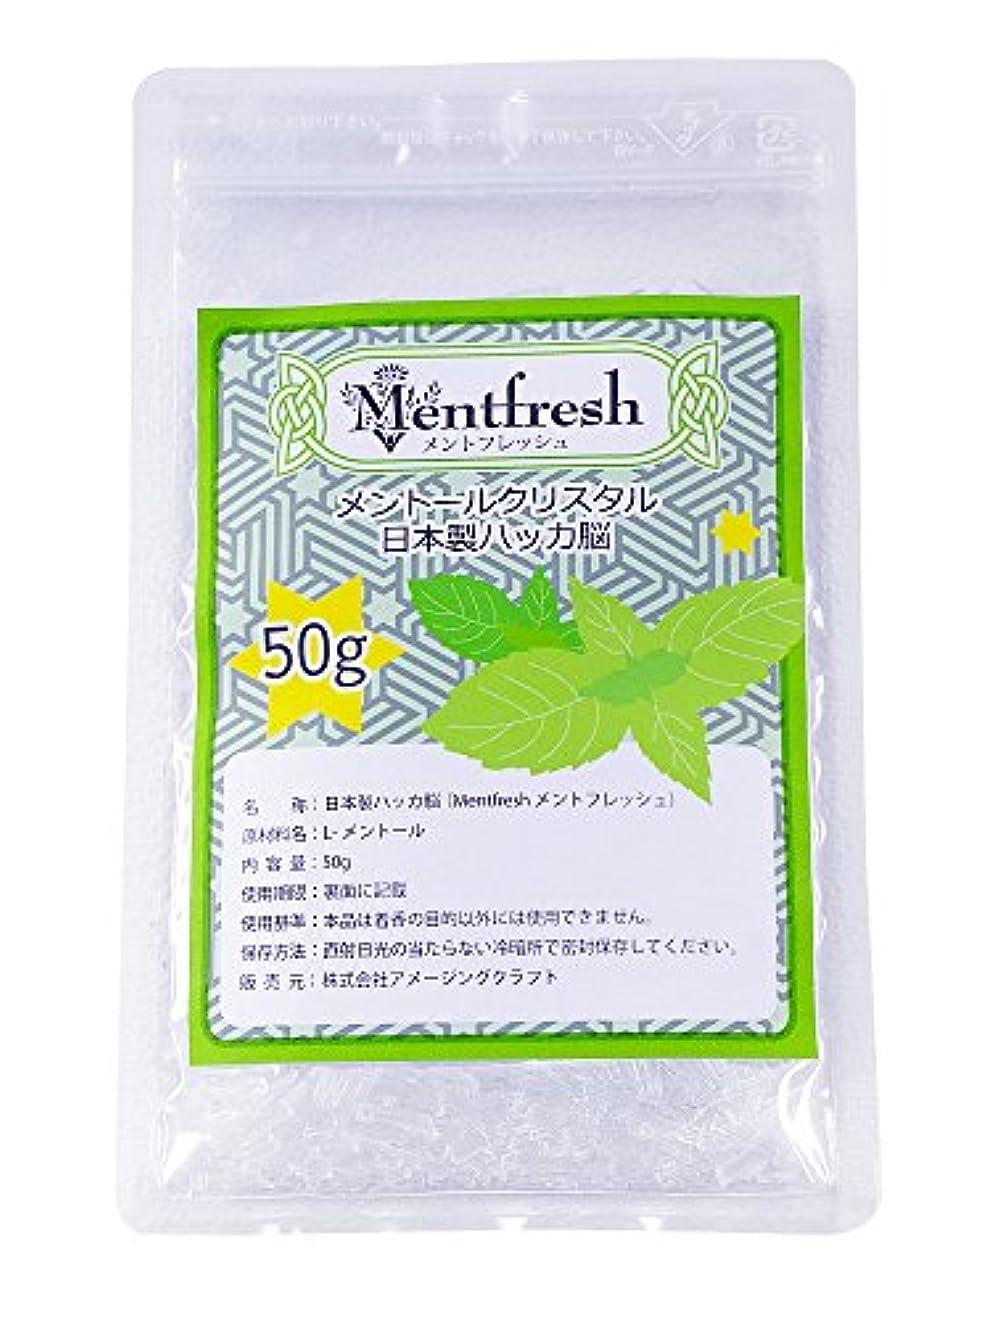 借りるあざエーカー日本製 ハッカ結晶 メントフレッシュ メントールクリスタル (50g)